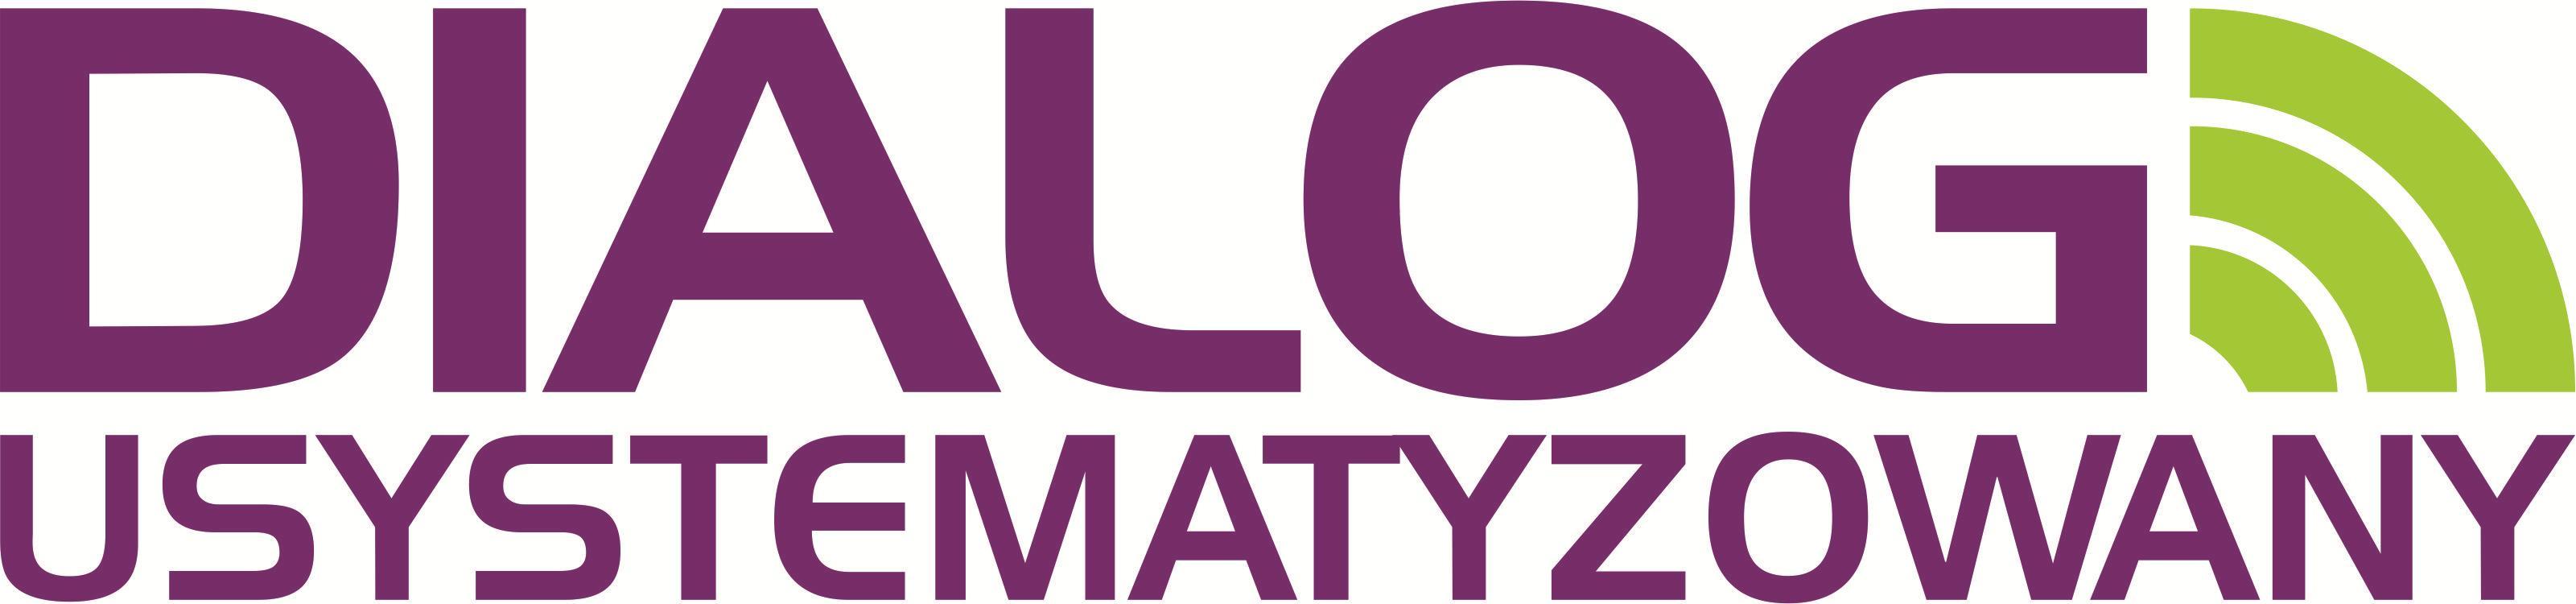 Dialog usystematyzowany - logo